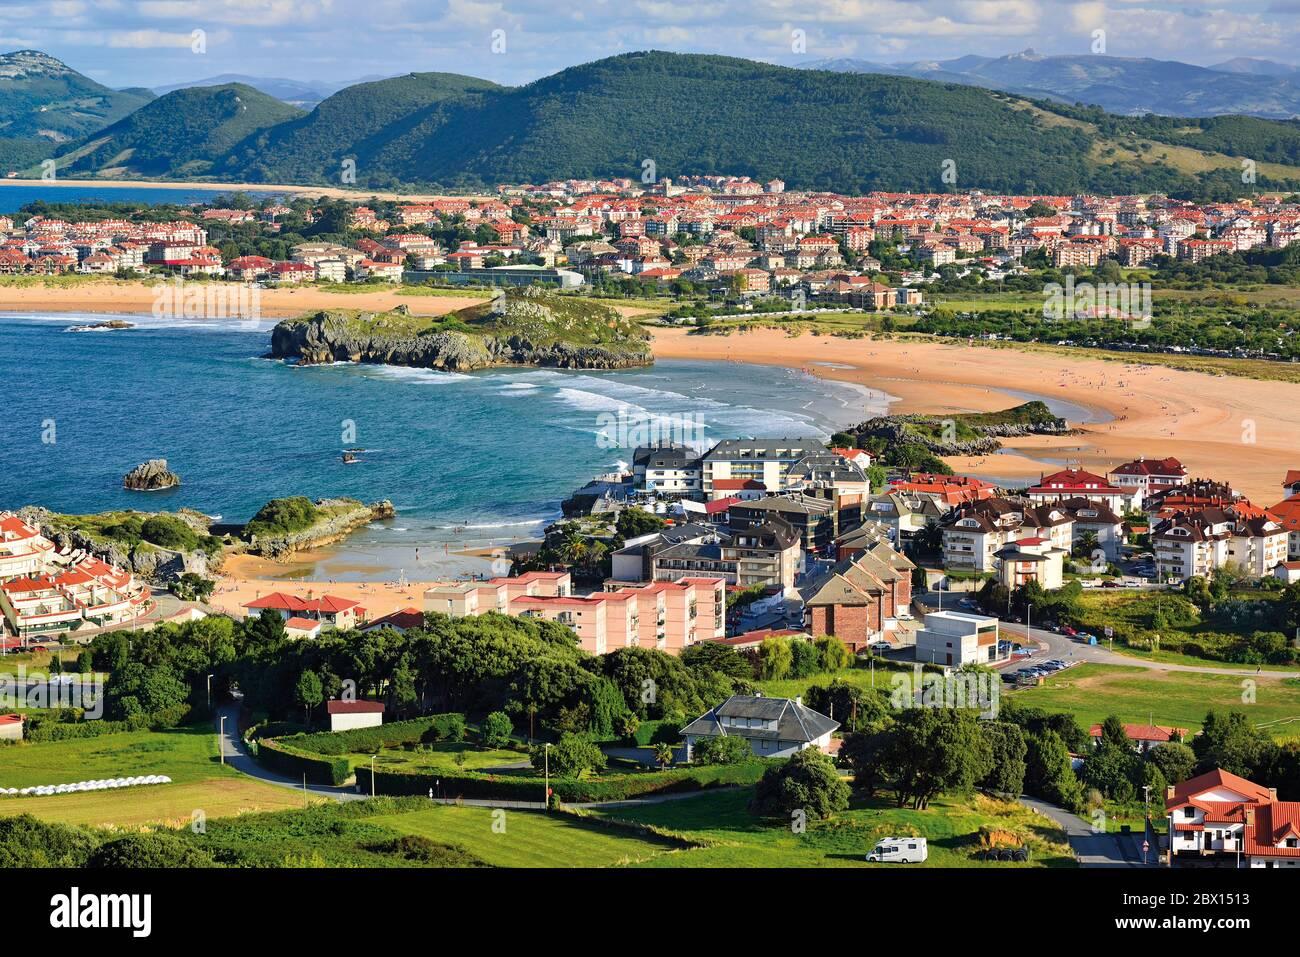 Vista del pueblo y tres playas con rocas y arena clara Foto de stock